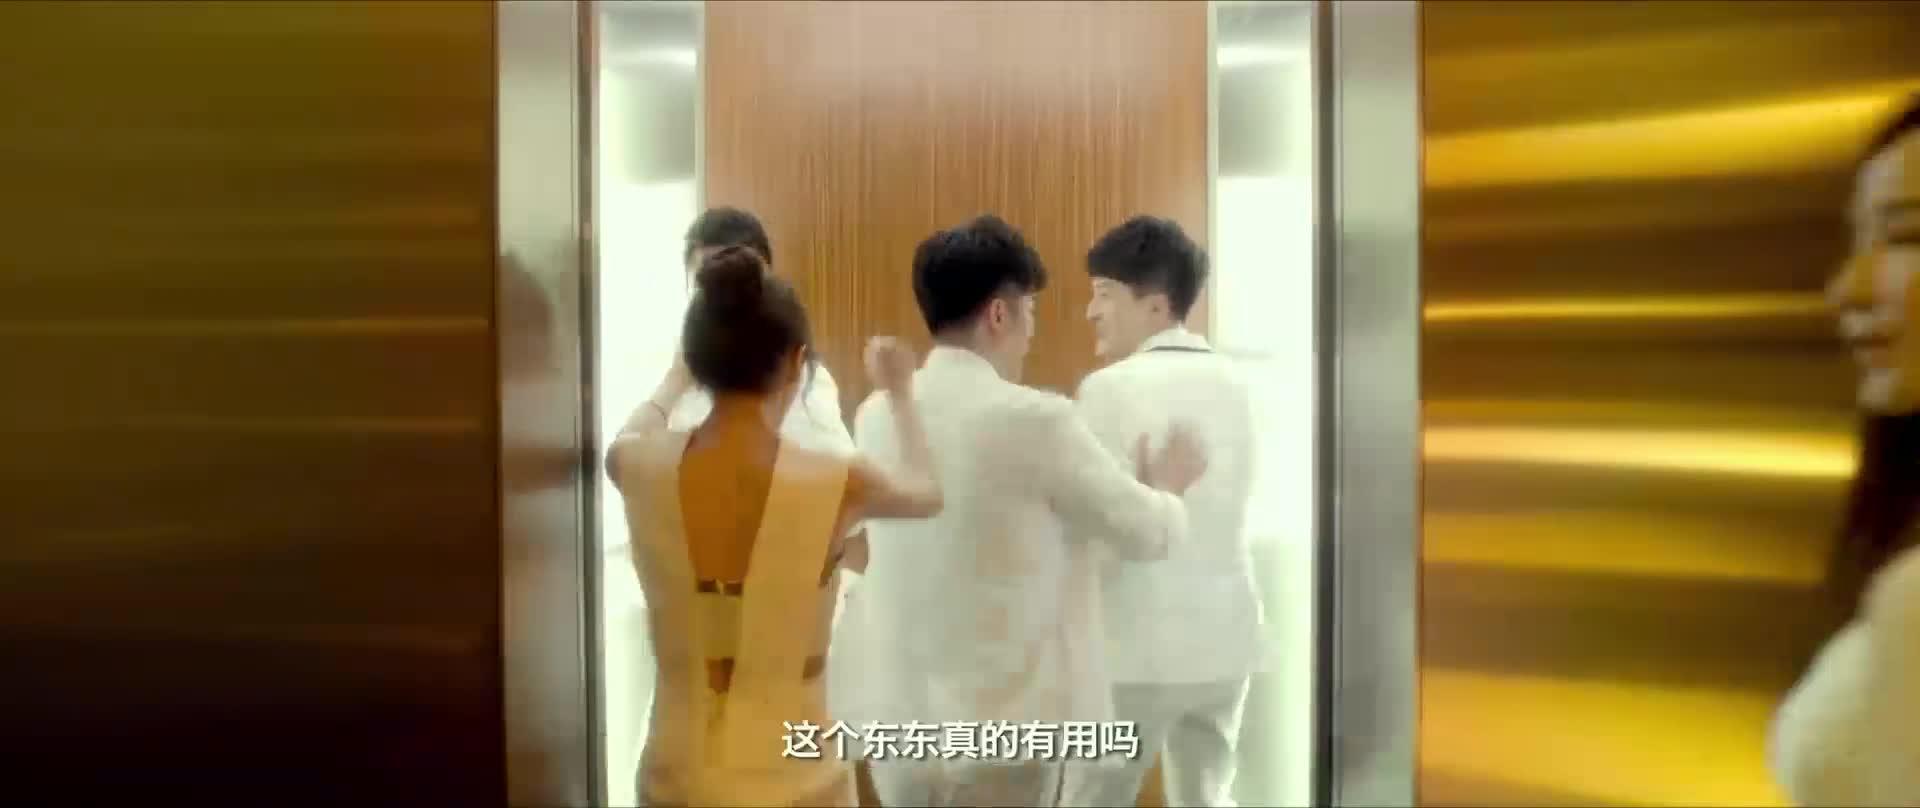 几个人坐电梯回家,不料直接穿越了,下电梯所有人都懵了